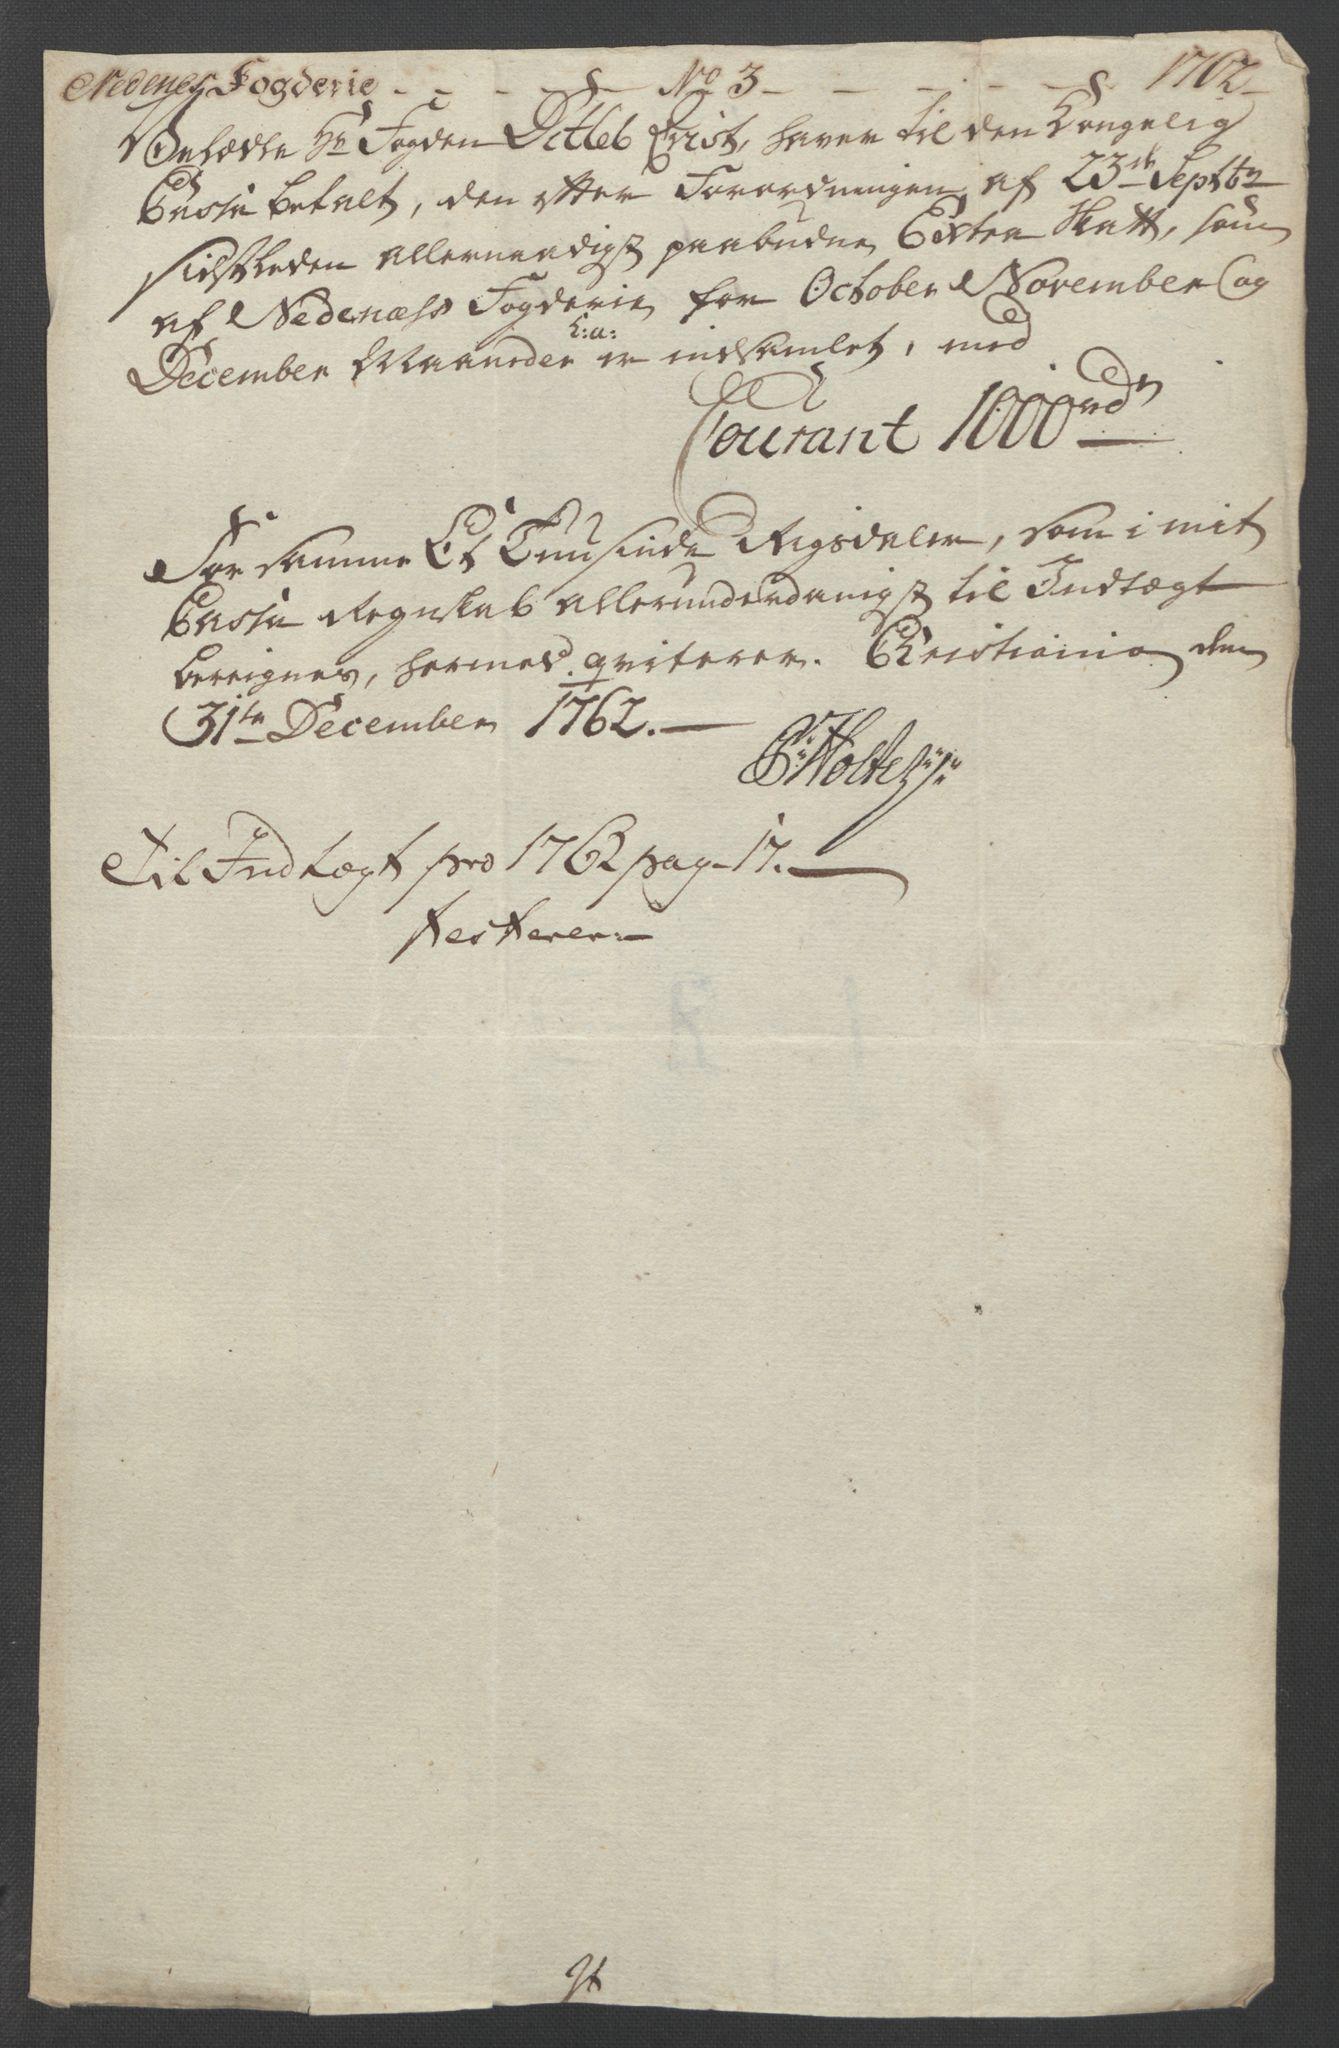 RA, Rentekammeret inntil 1814, Reviderte regnskaper, Fogderegnskap, R39/L2424: Ekstraskatten Nedenes, 1762-1767, s. 18